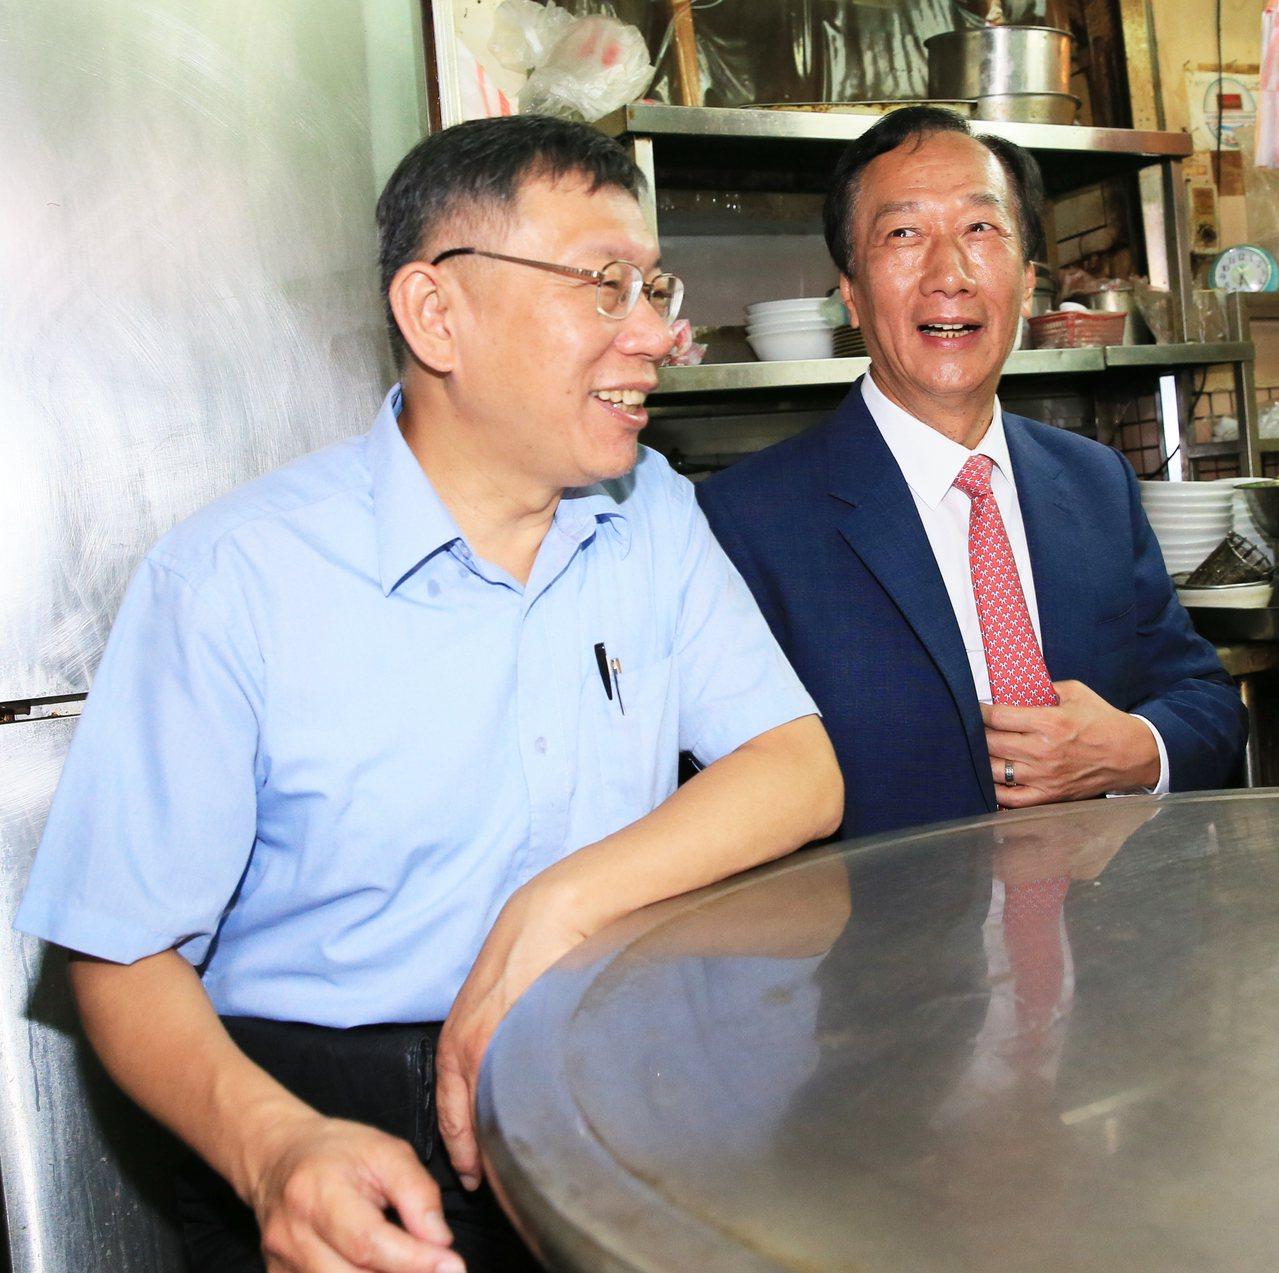 鴻海創辦人郭台銘與台北市長柯文哲下一步備受關注。本報系資料照片